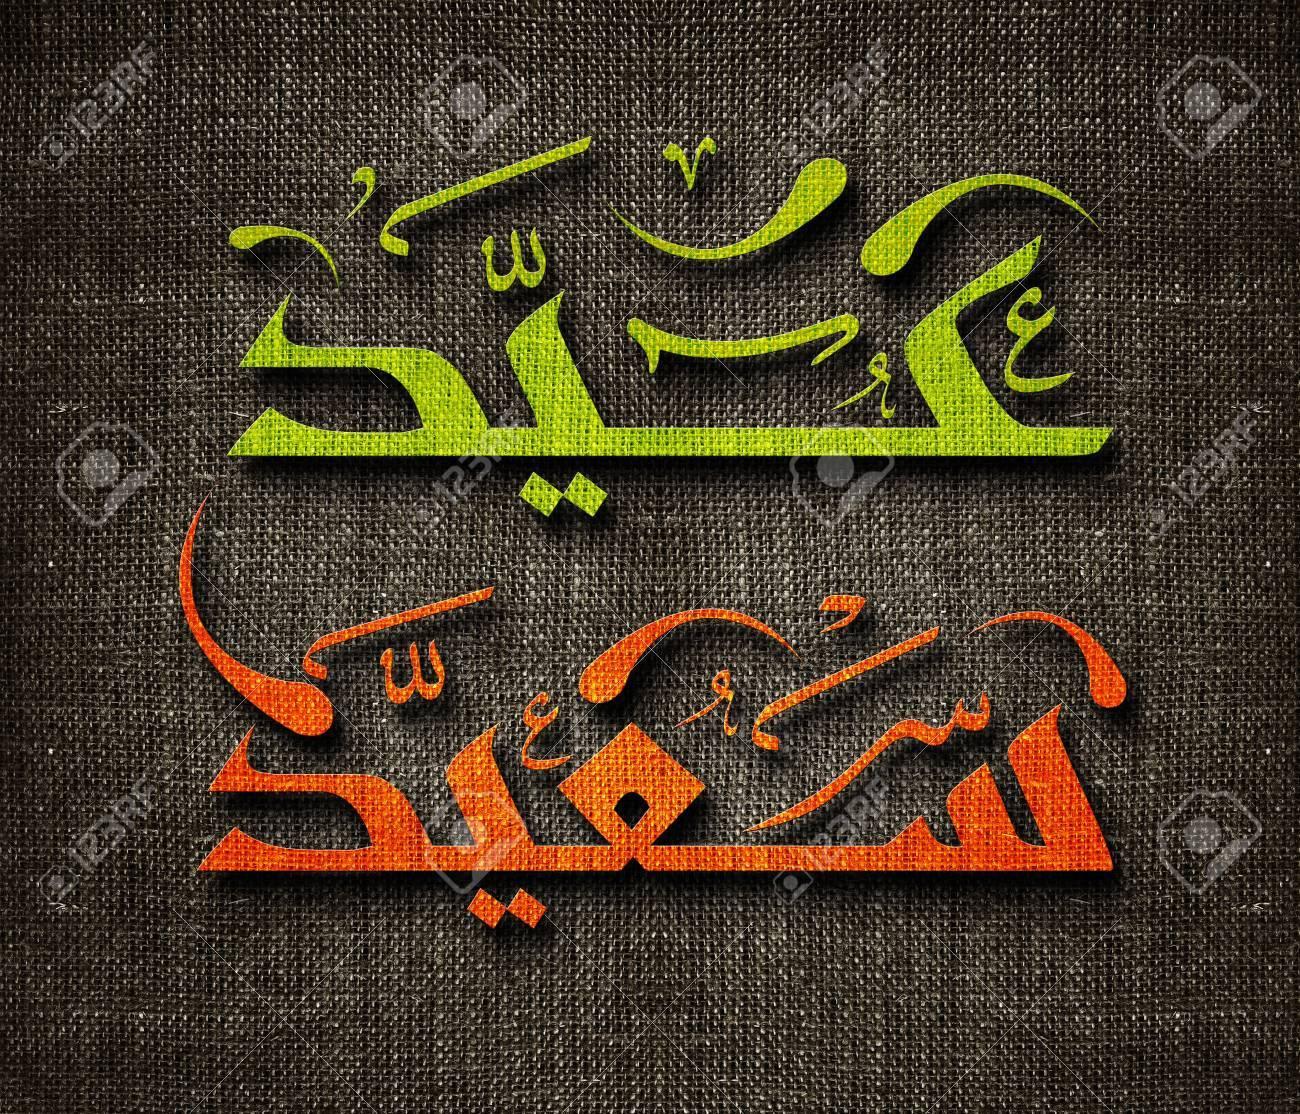 Beautiful Arabic Eid Al-Fitr Greeting - 39373224-the-holy-month-of-muslim-community-festival-ramadan-kareem-and-eid-al-fitr-greeting-card-with-arabic  Snapshot_100844 .jpg